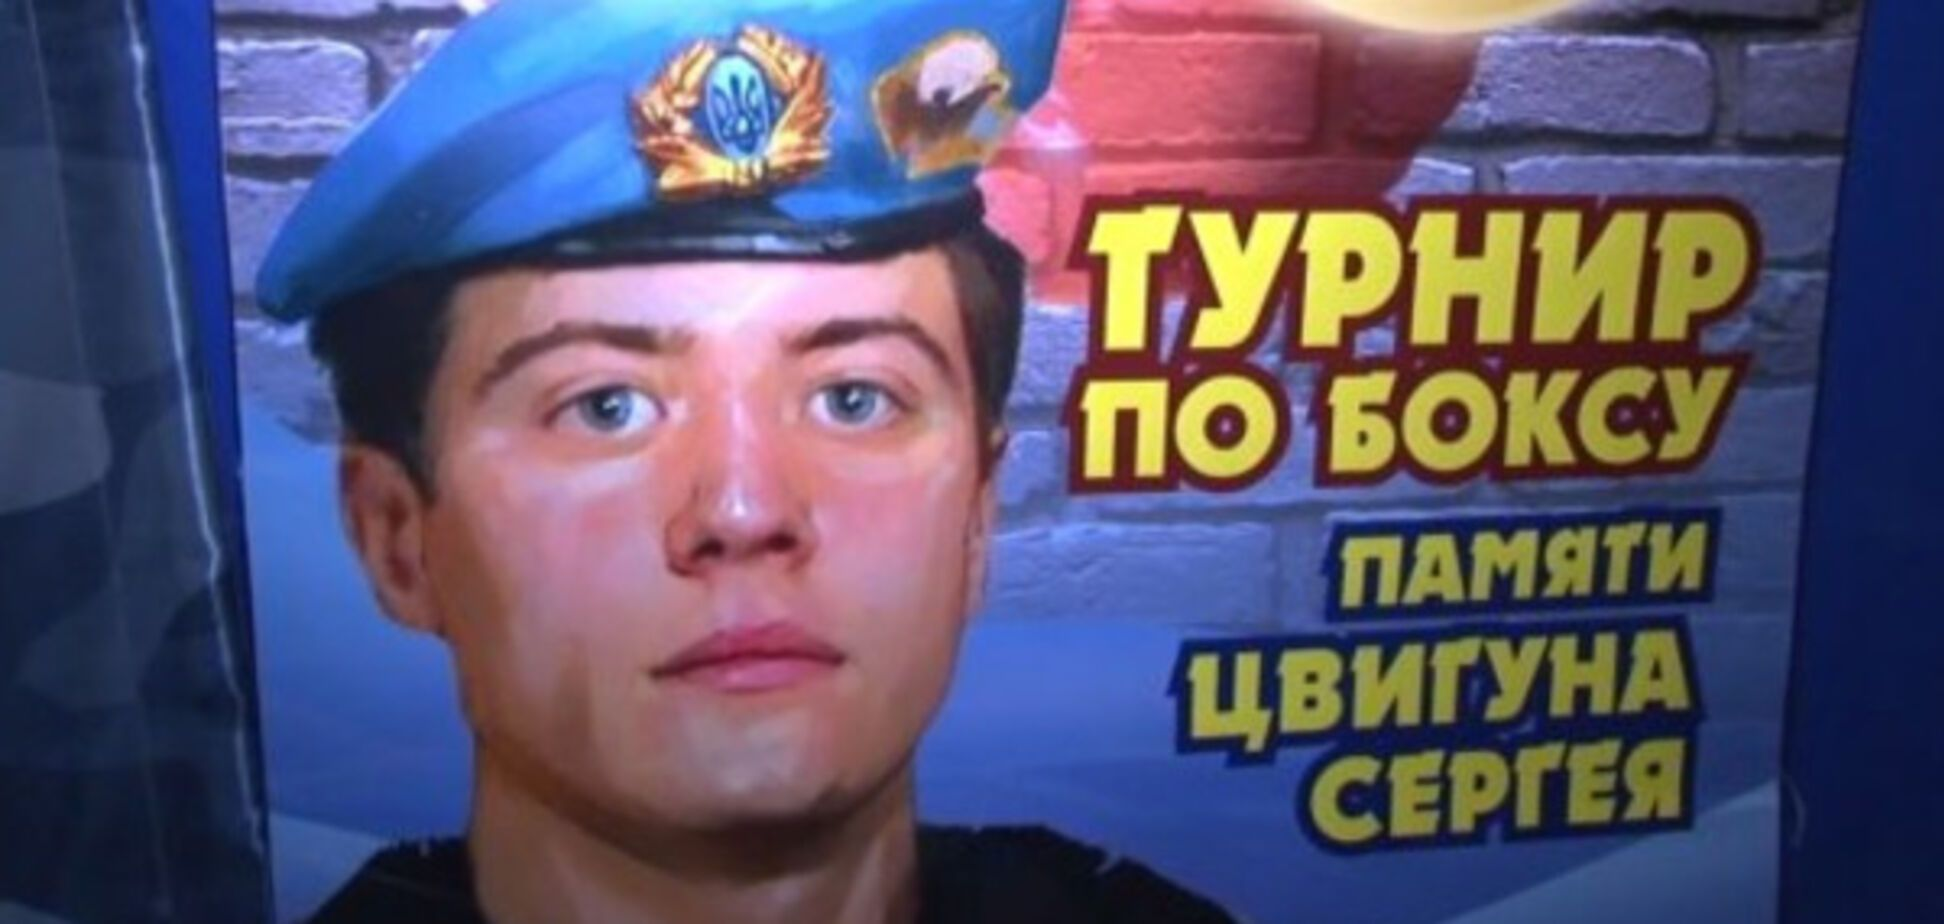 'Запорожье - город с 'гнильцой': соцсети возмутил турнир в честь погибшего на Майдане беркутовца